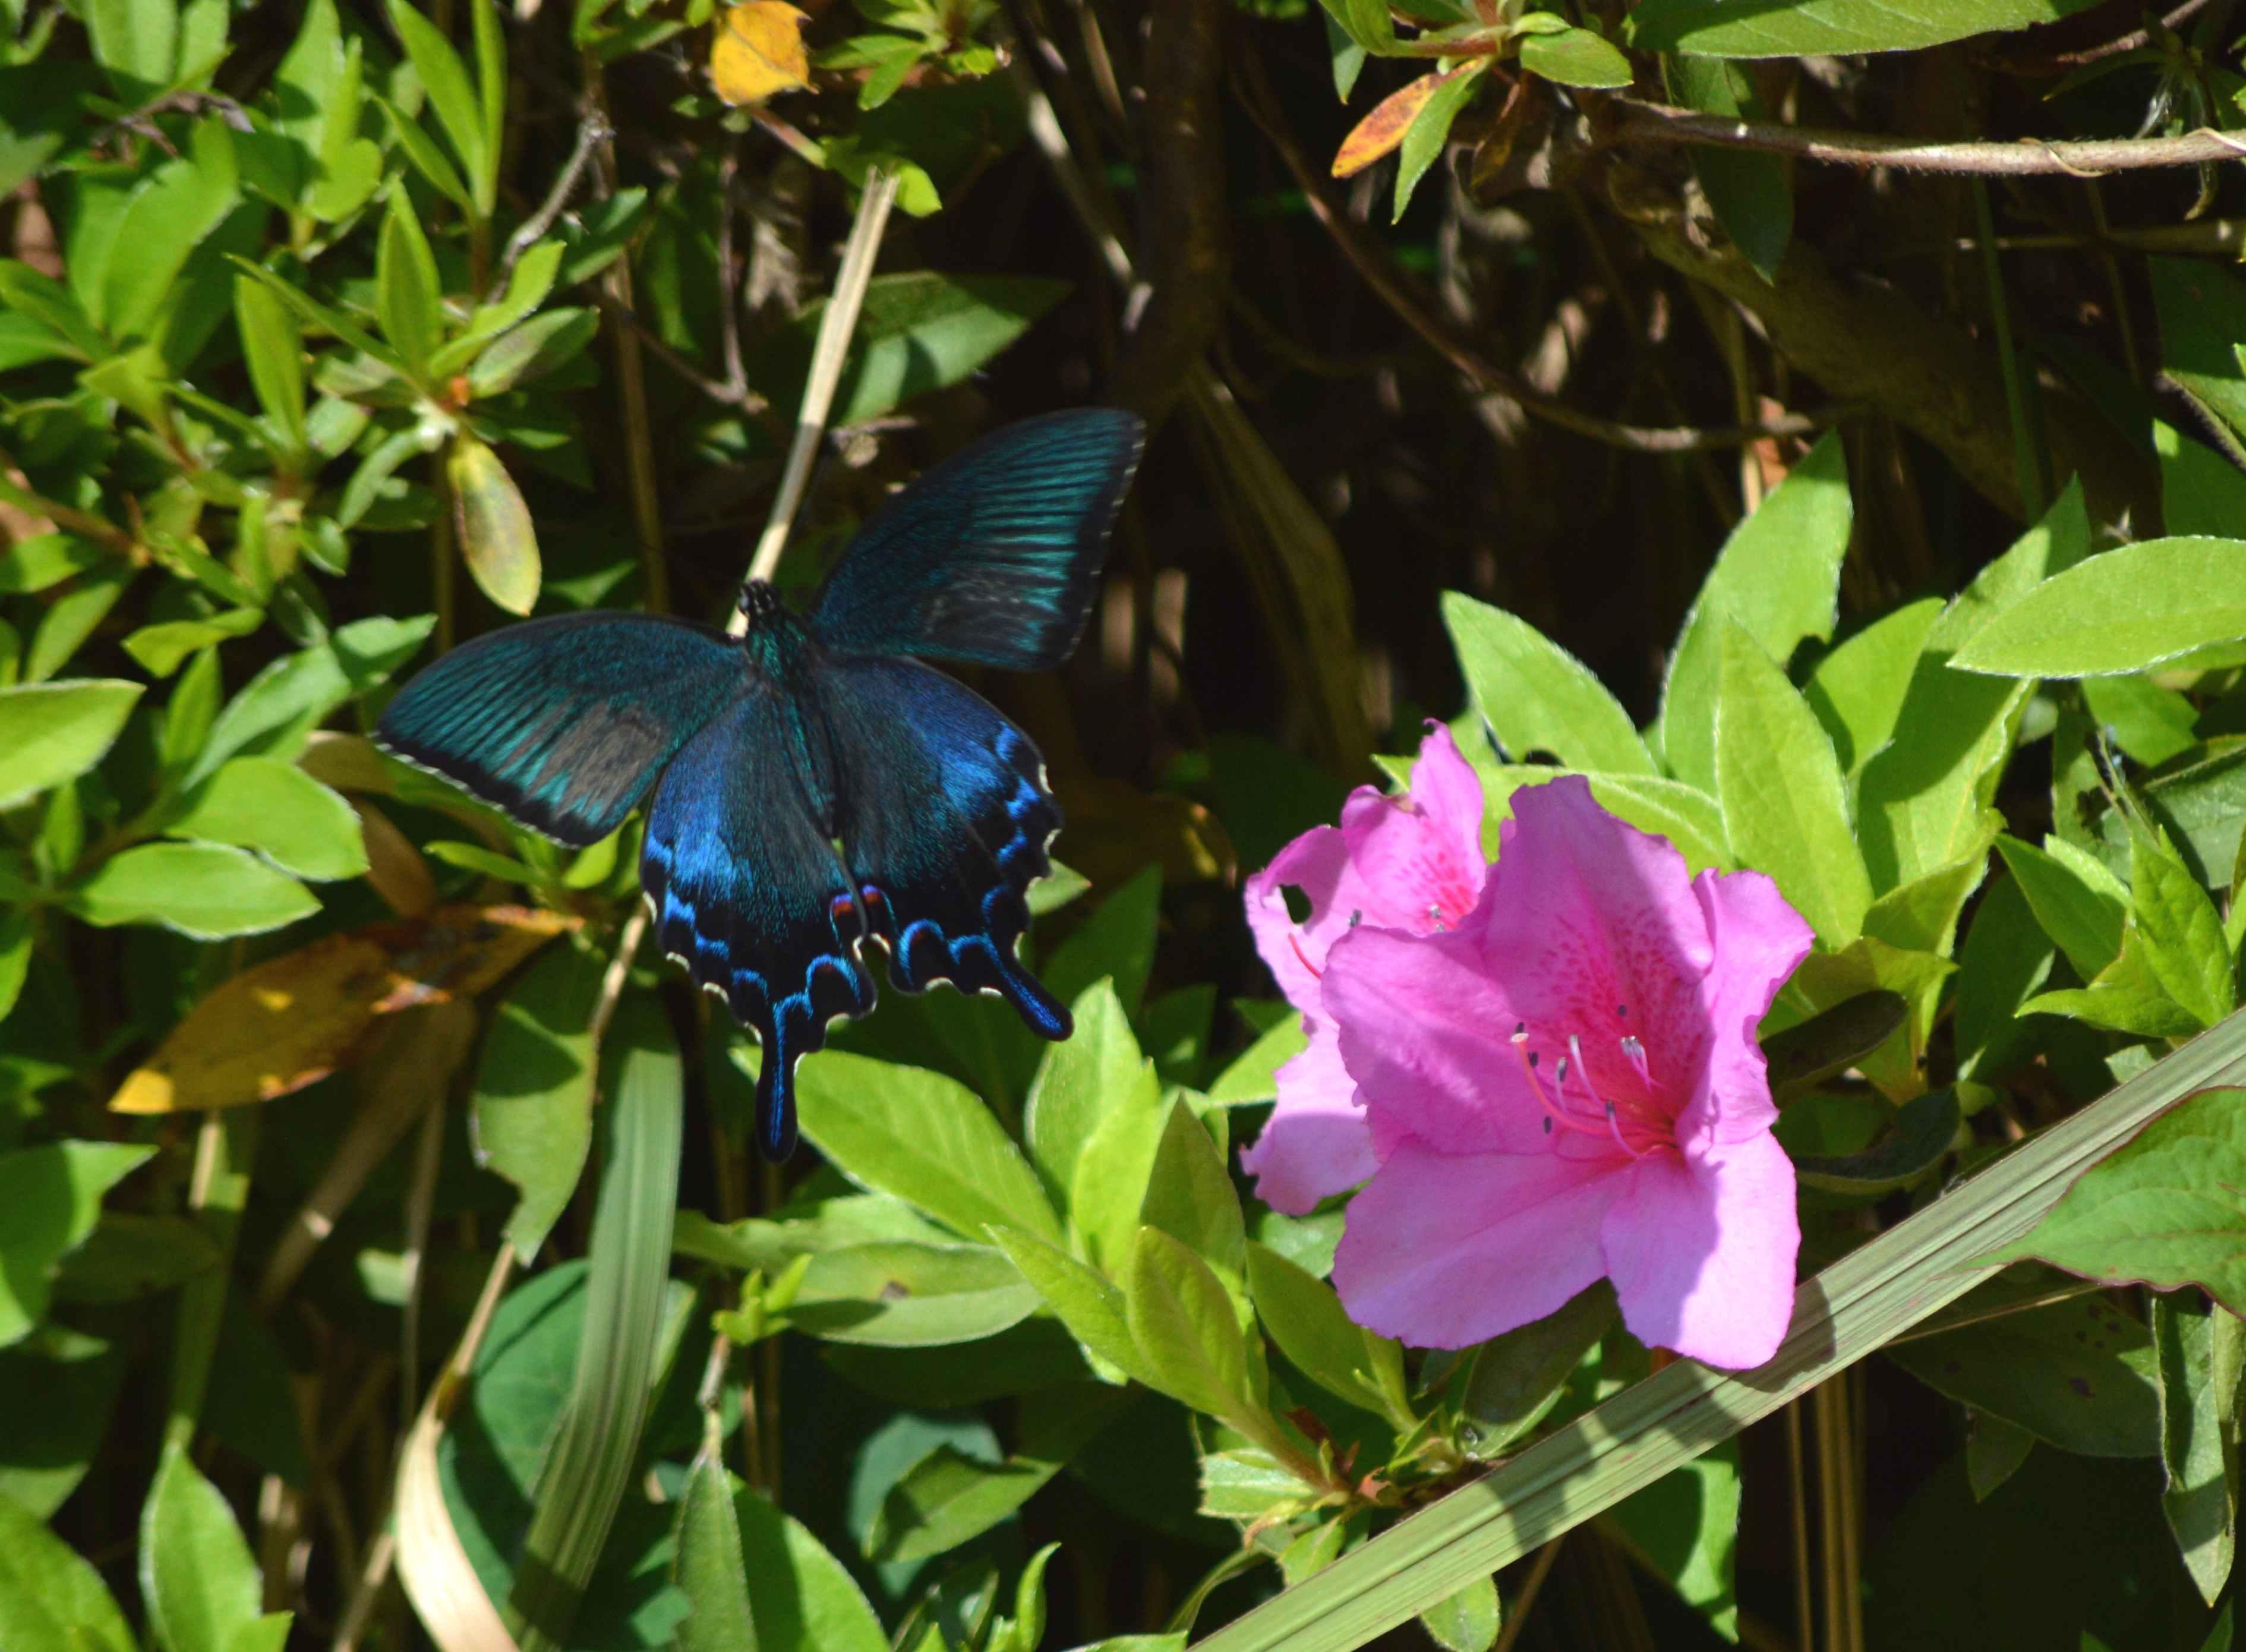 カラスアゲハ 5月2日ツツジの咲く公園にて_d0254540_19552527.jpg